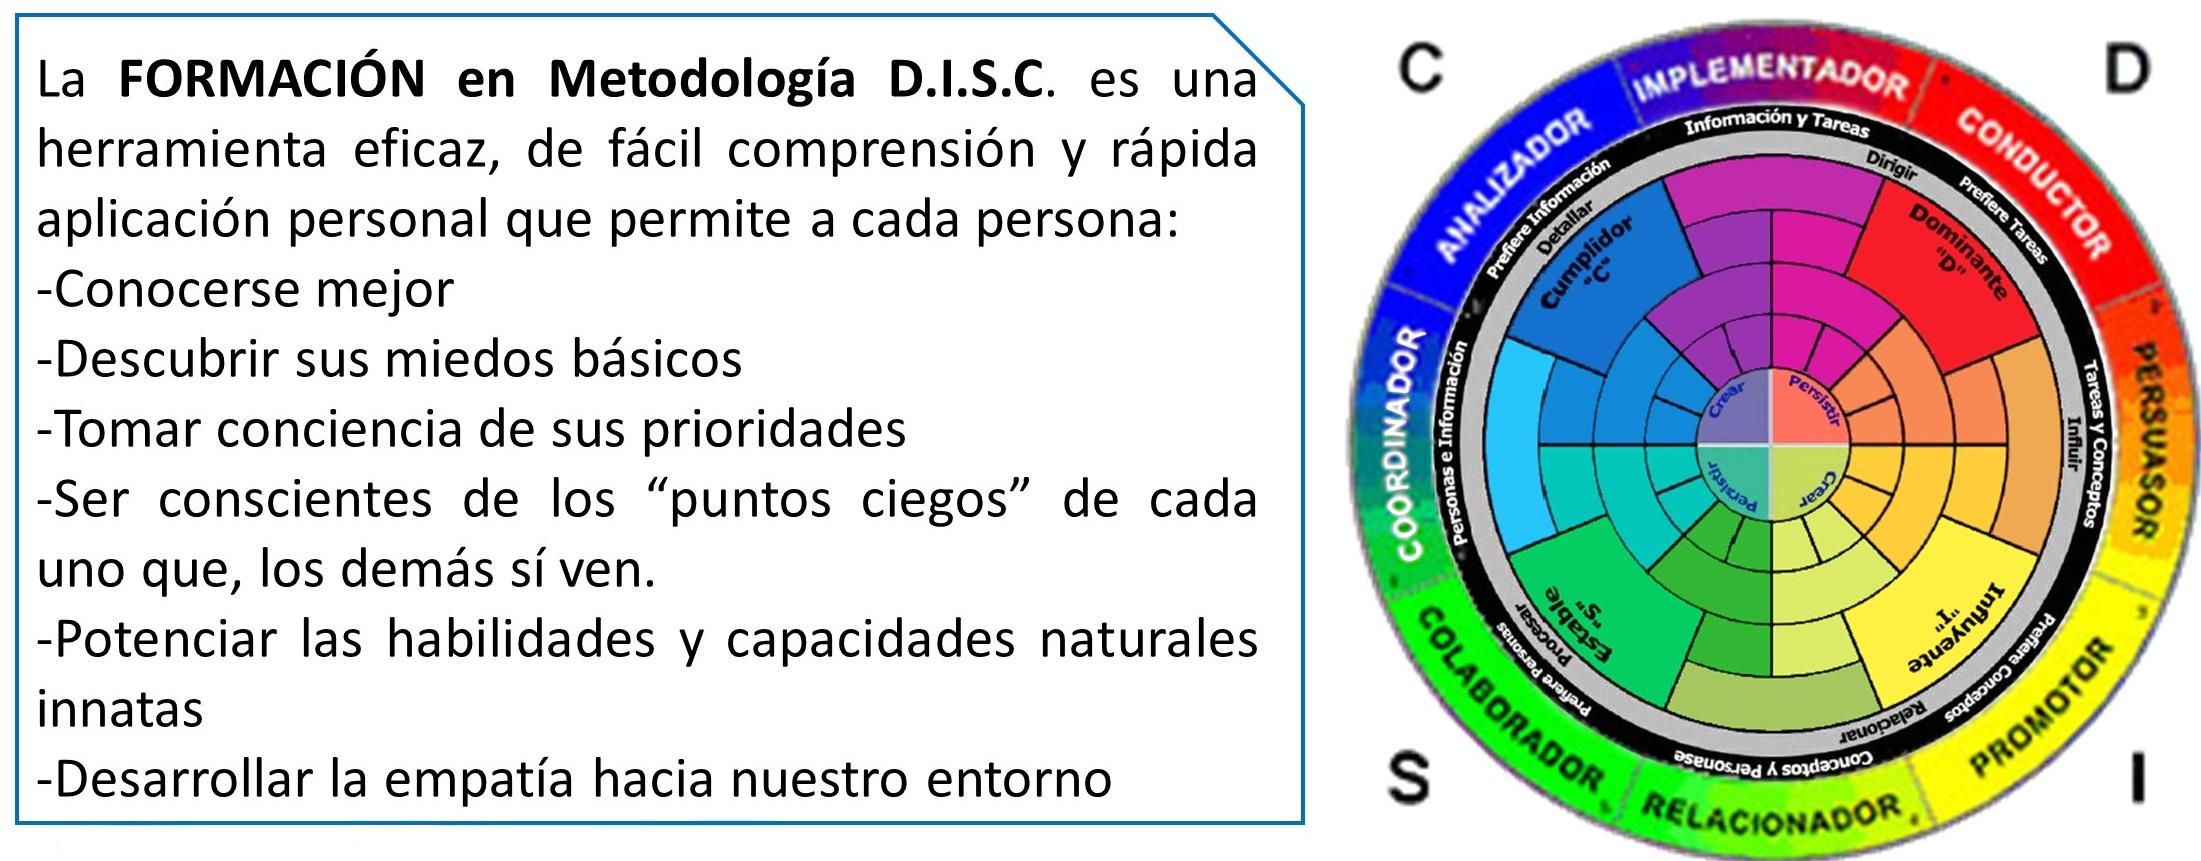 Metodología DISC para el aprendizaje